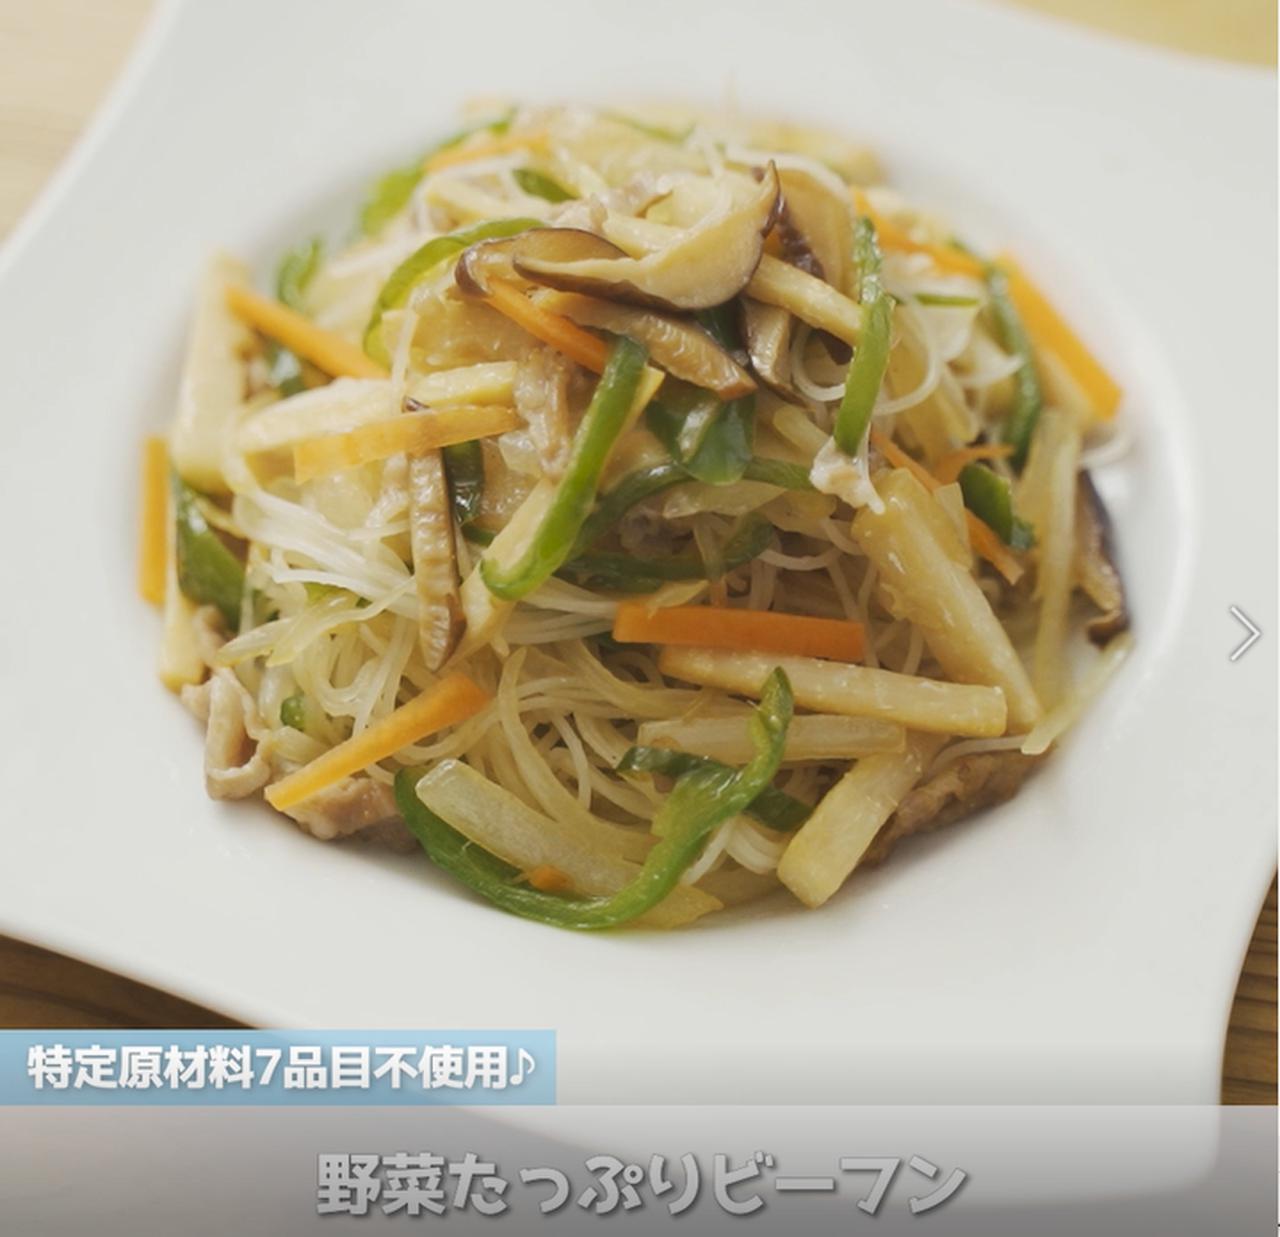 画像: ライスヌードルの野菜たっぷりビーフン - 君とごはん